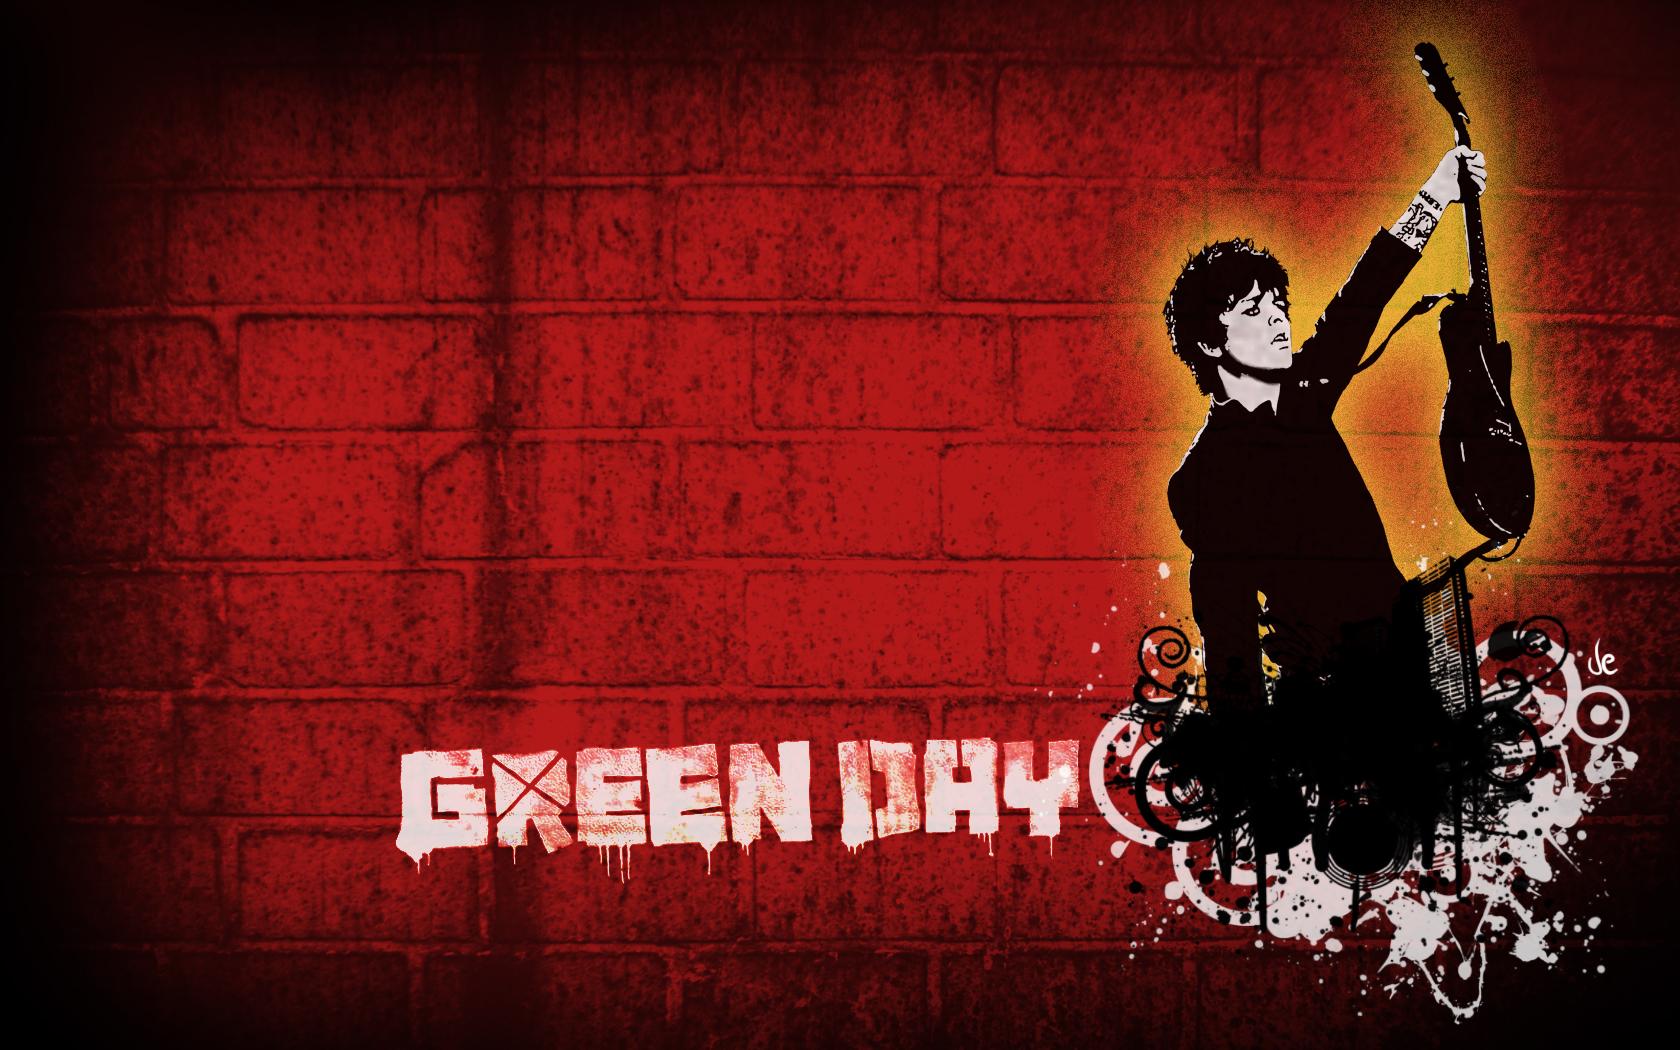 Green Day Wallpaper Full HD 1680x1050